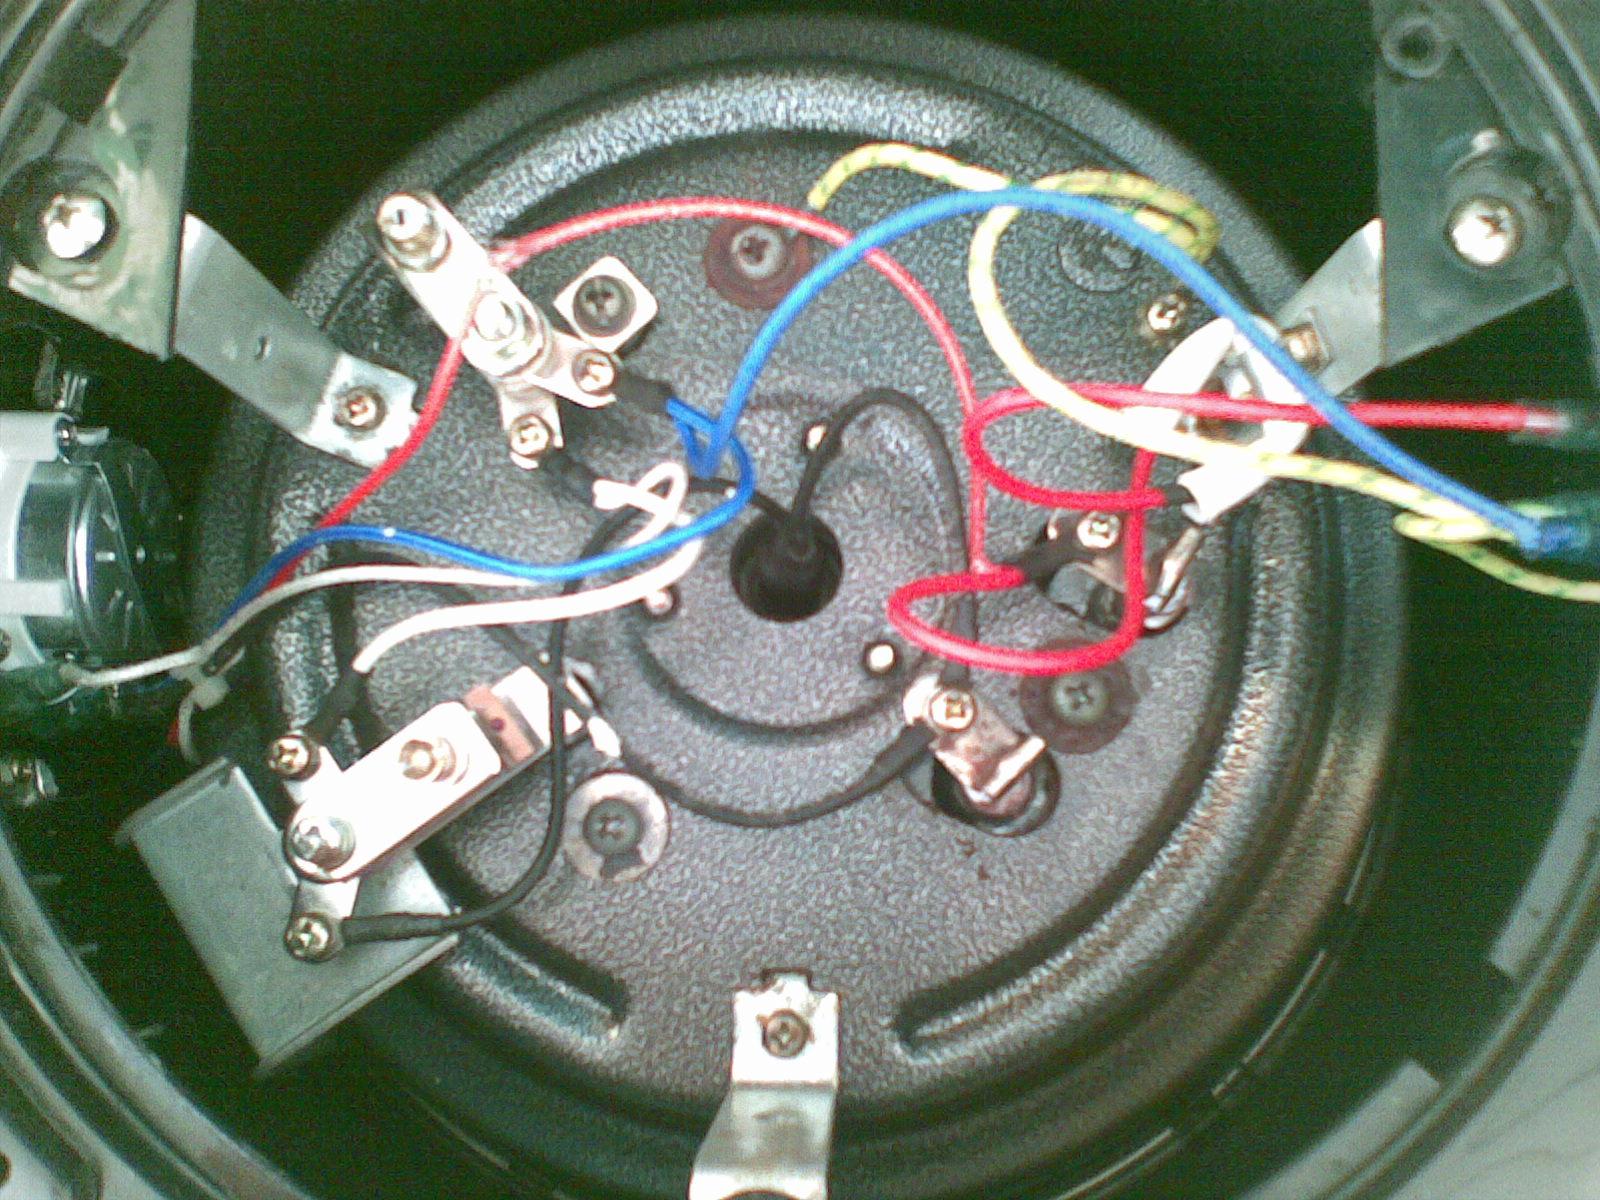 电热锅接线_求机械电压力锅接线图_百度知道